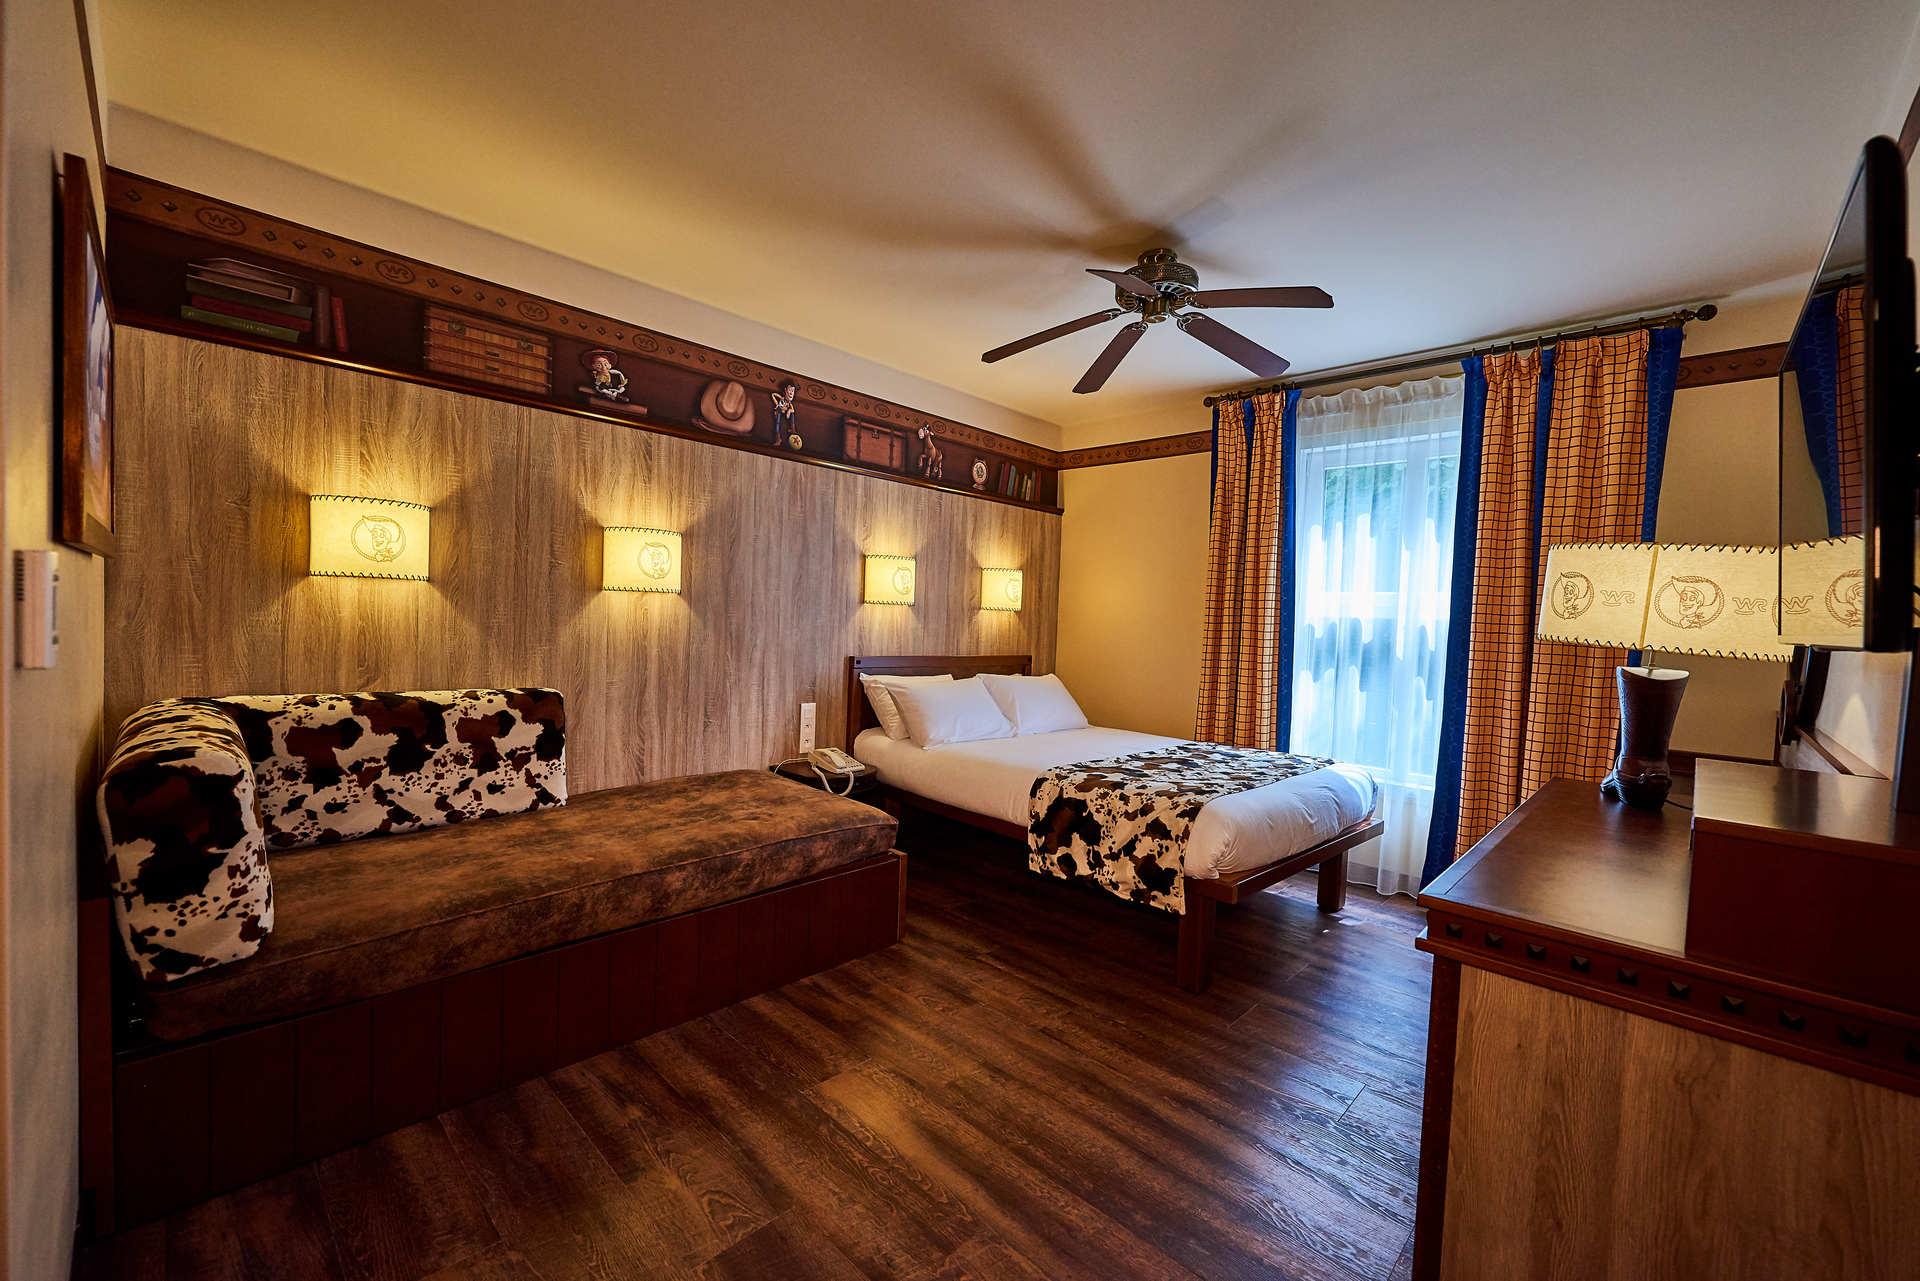 France - Ile de France - Disneyland Paris - Paris - Disney's Hôtel Cheyenne : Jusqu'à -30% sur votre séjour + Séjour OFFERT pour les -12 ans!